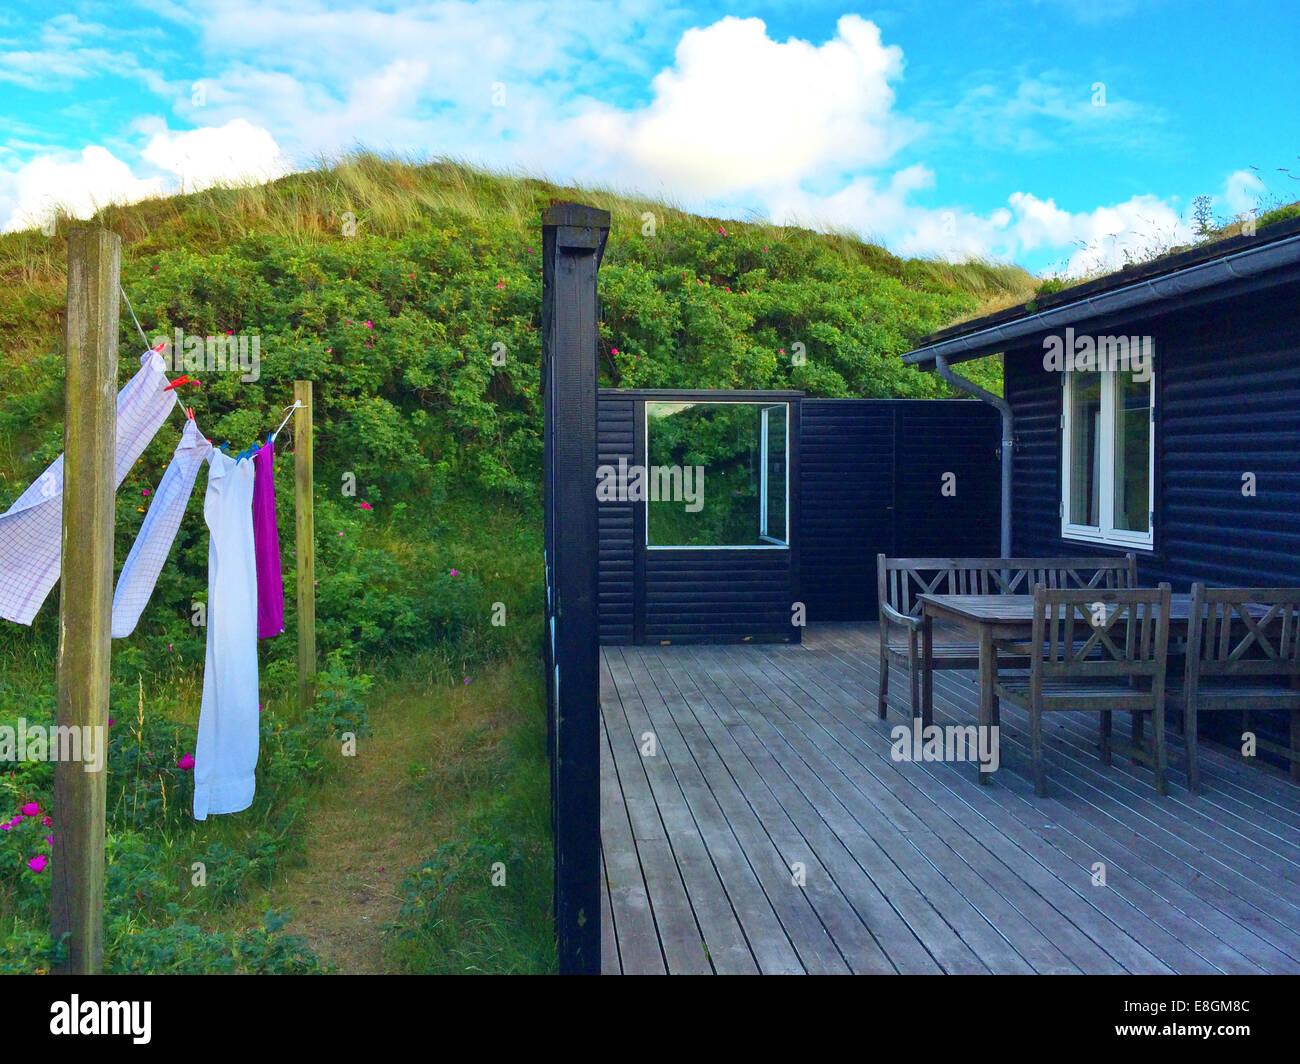 Toallas colgando de lavado fuera de línea, casa de veraneo, como Fanoe, Dinamarca Imagen De Stock